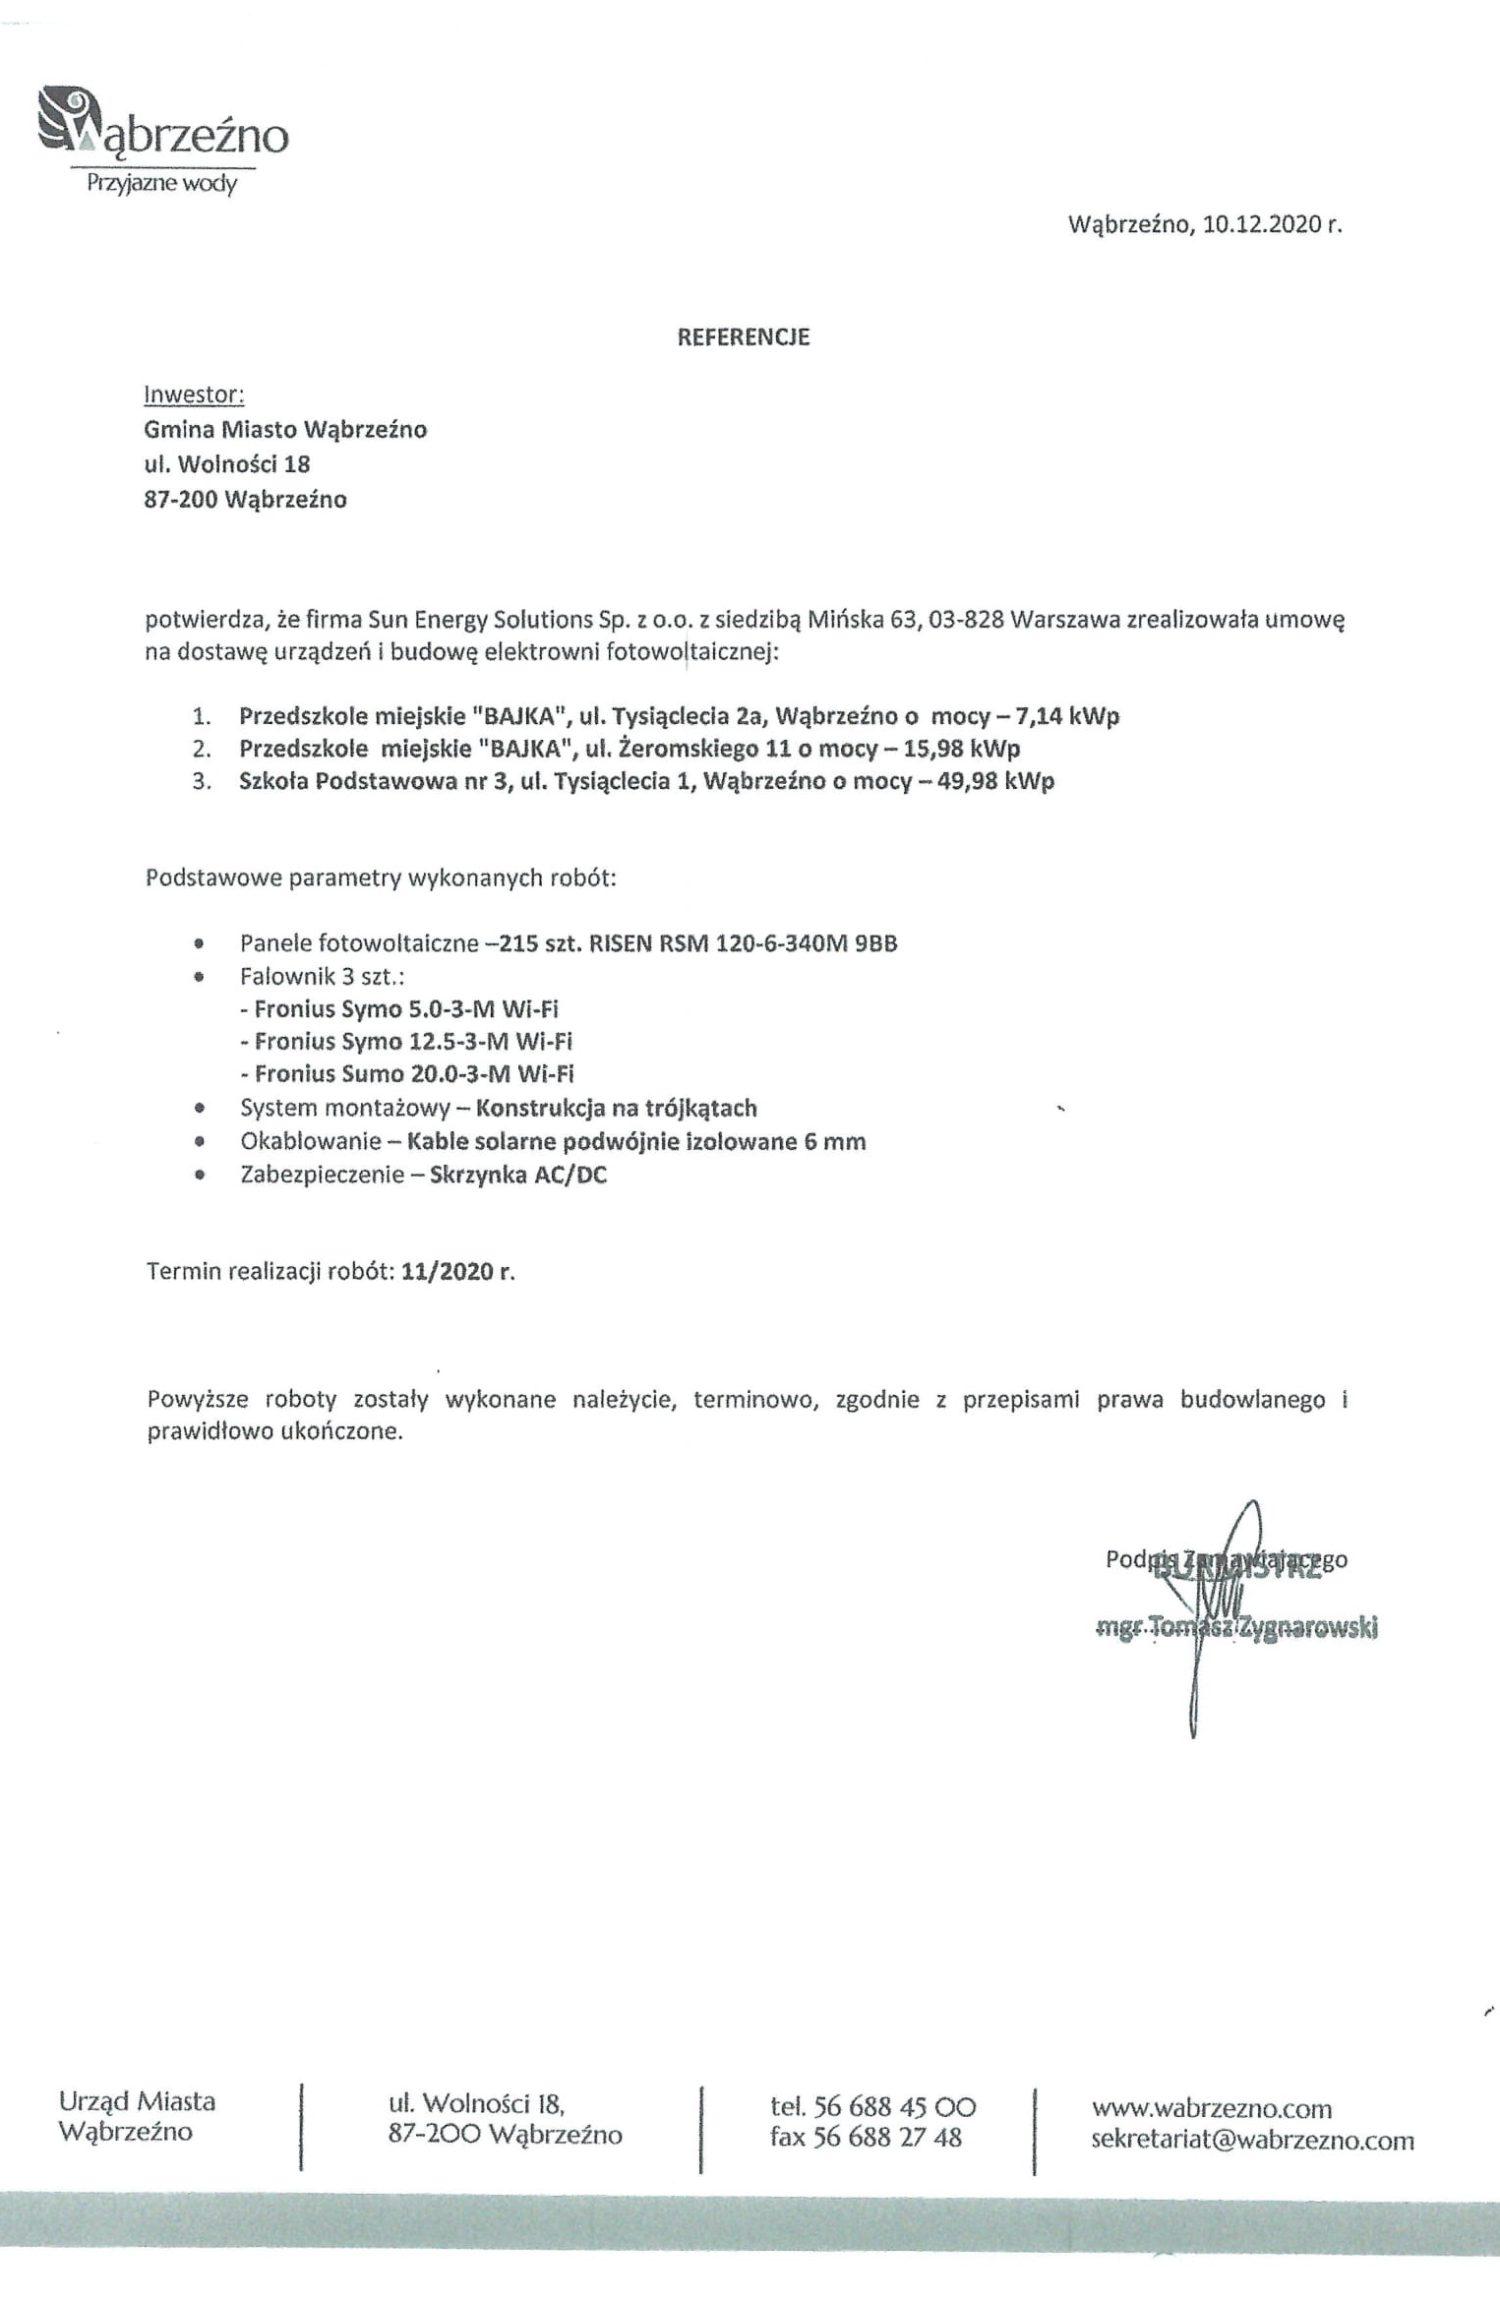 https://www.sunes.pl/wp-content/uploads/2021/01/Wabrzezno-1-1500x2300.jpg